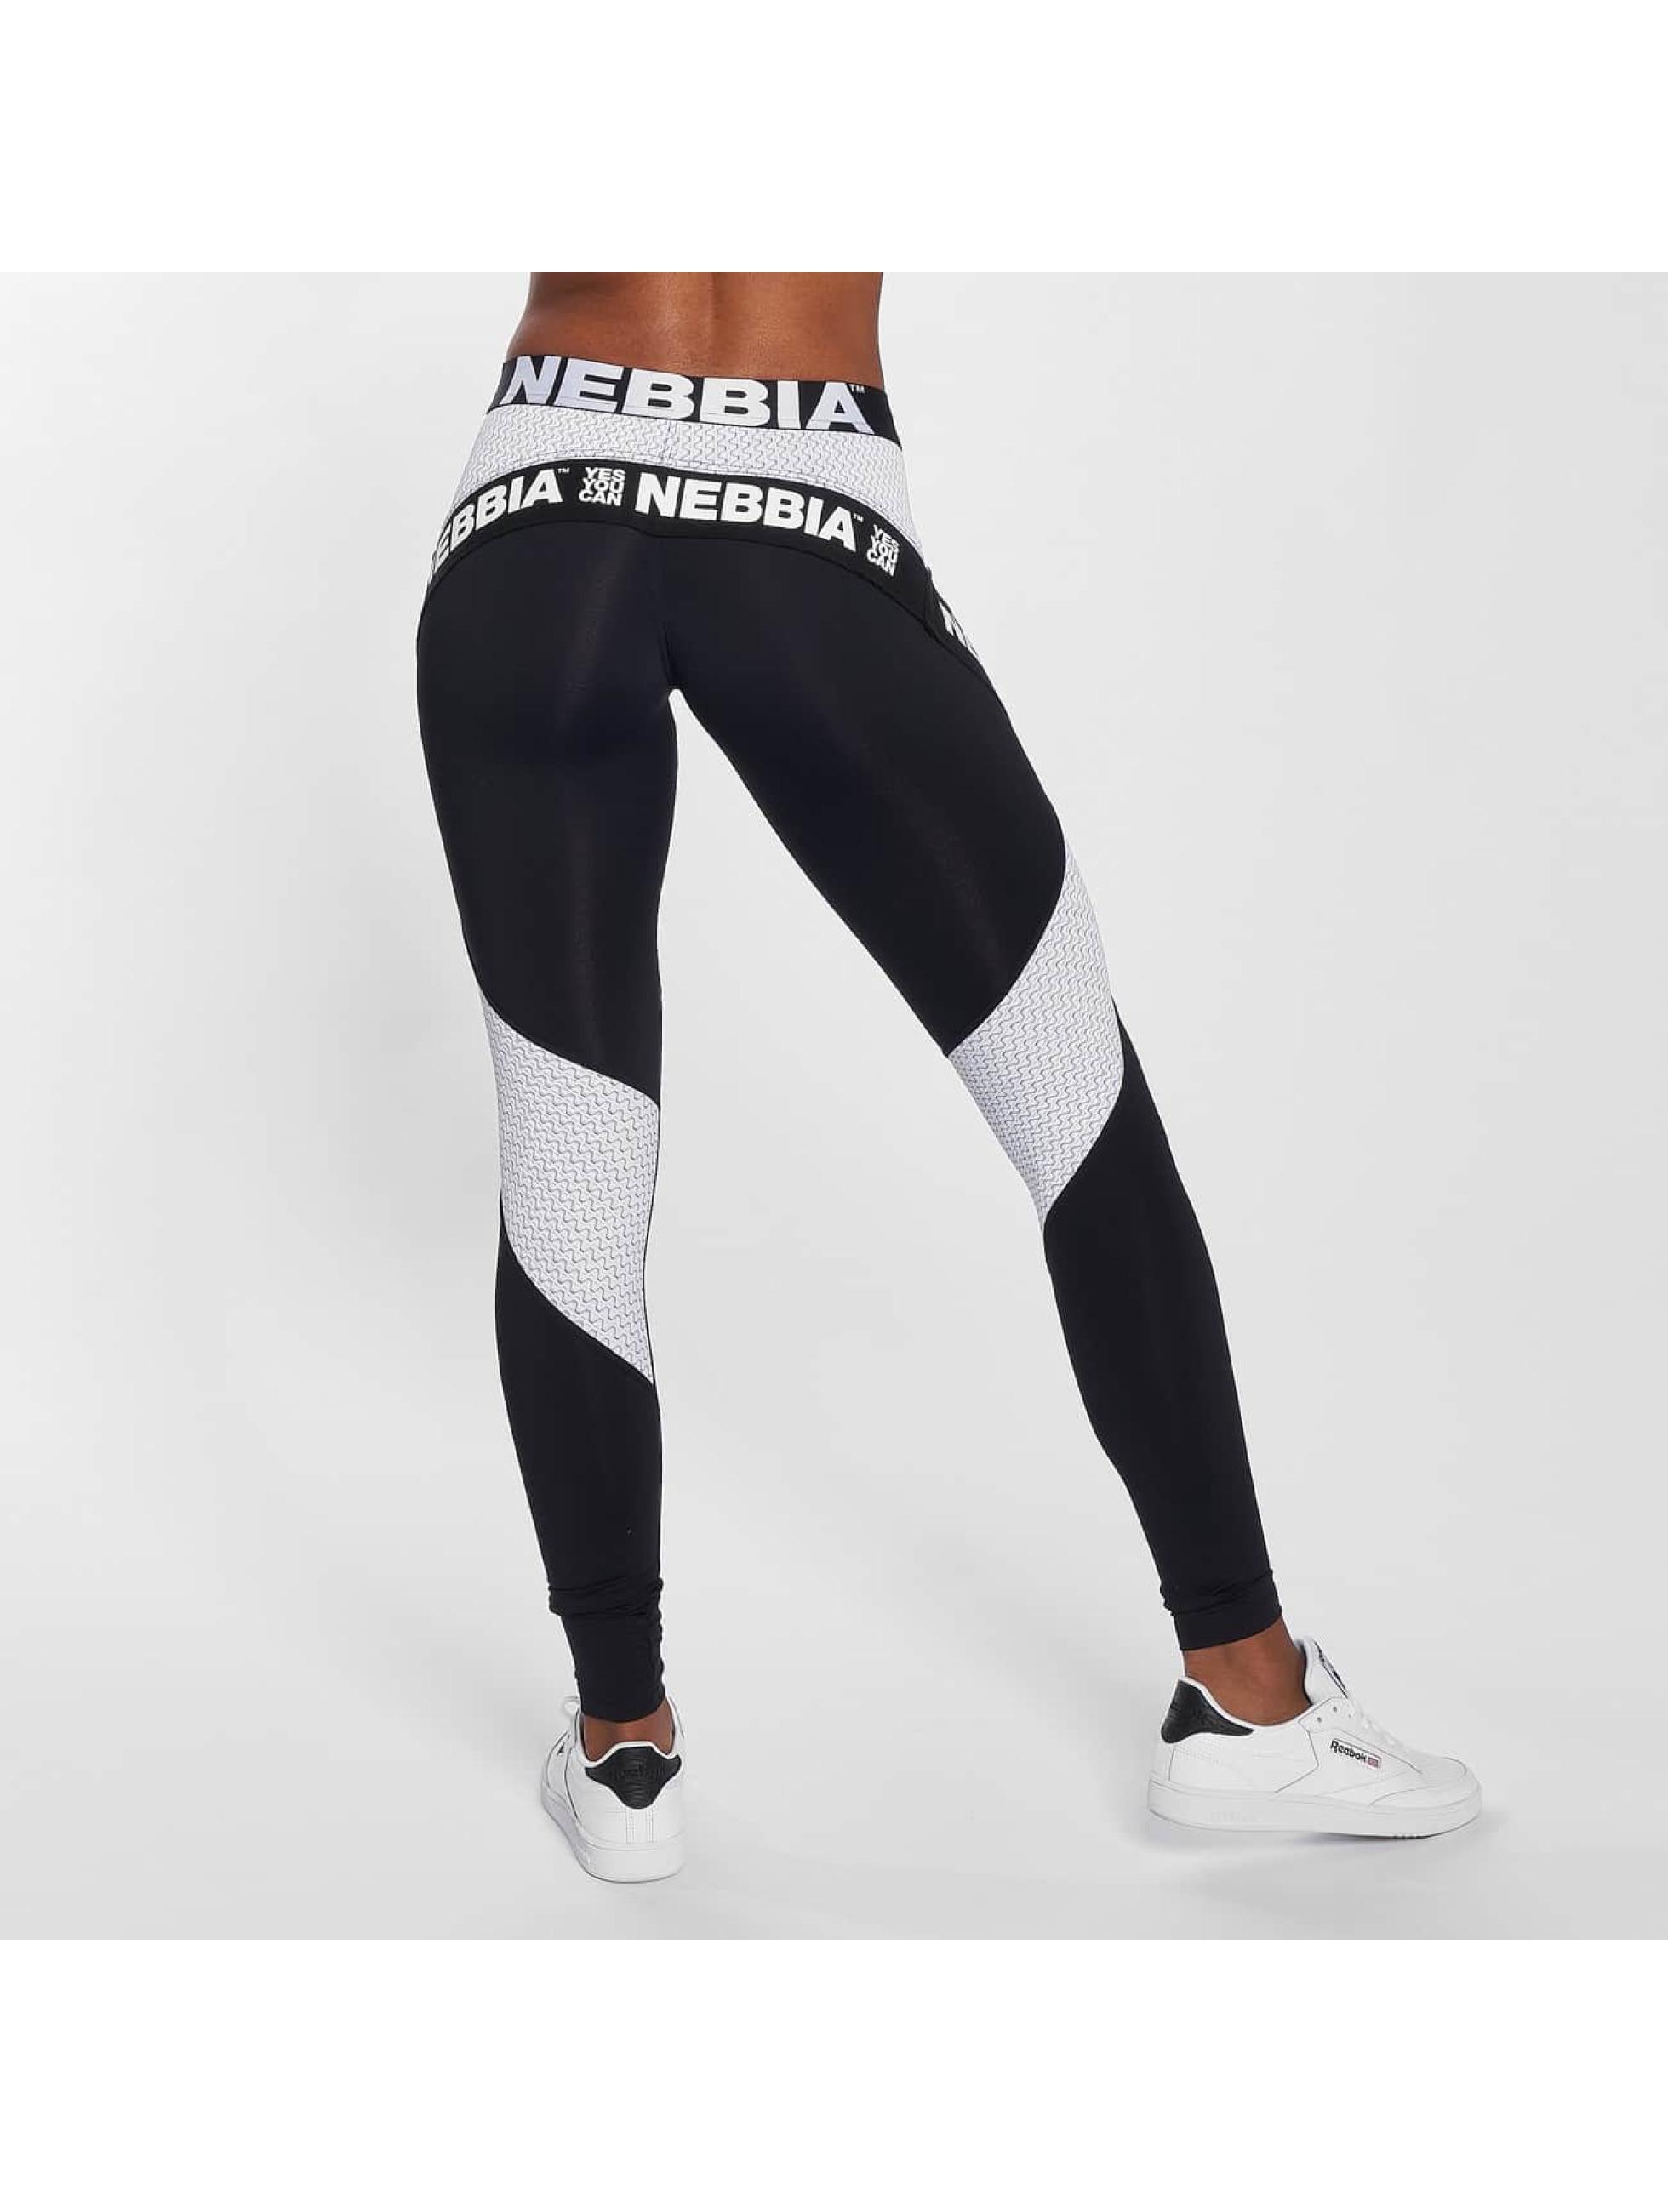 Nebbia Legging/Tregging Combi negro